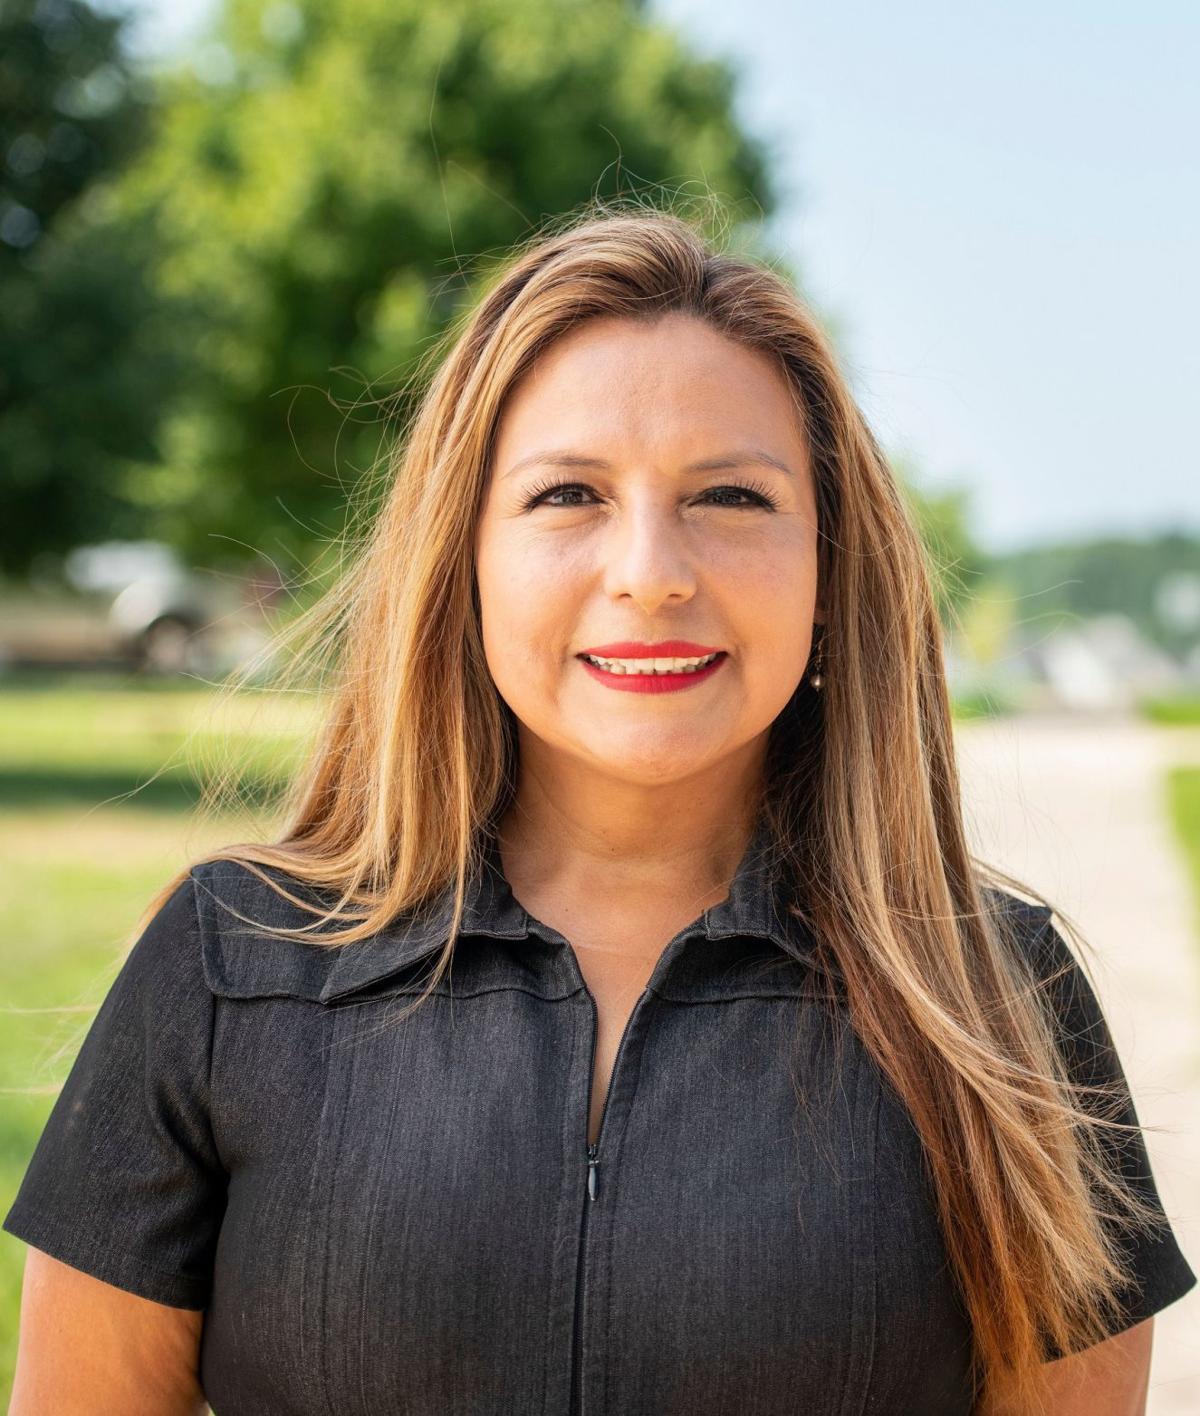 Del. Elizabeth Guzman, D-31st District